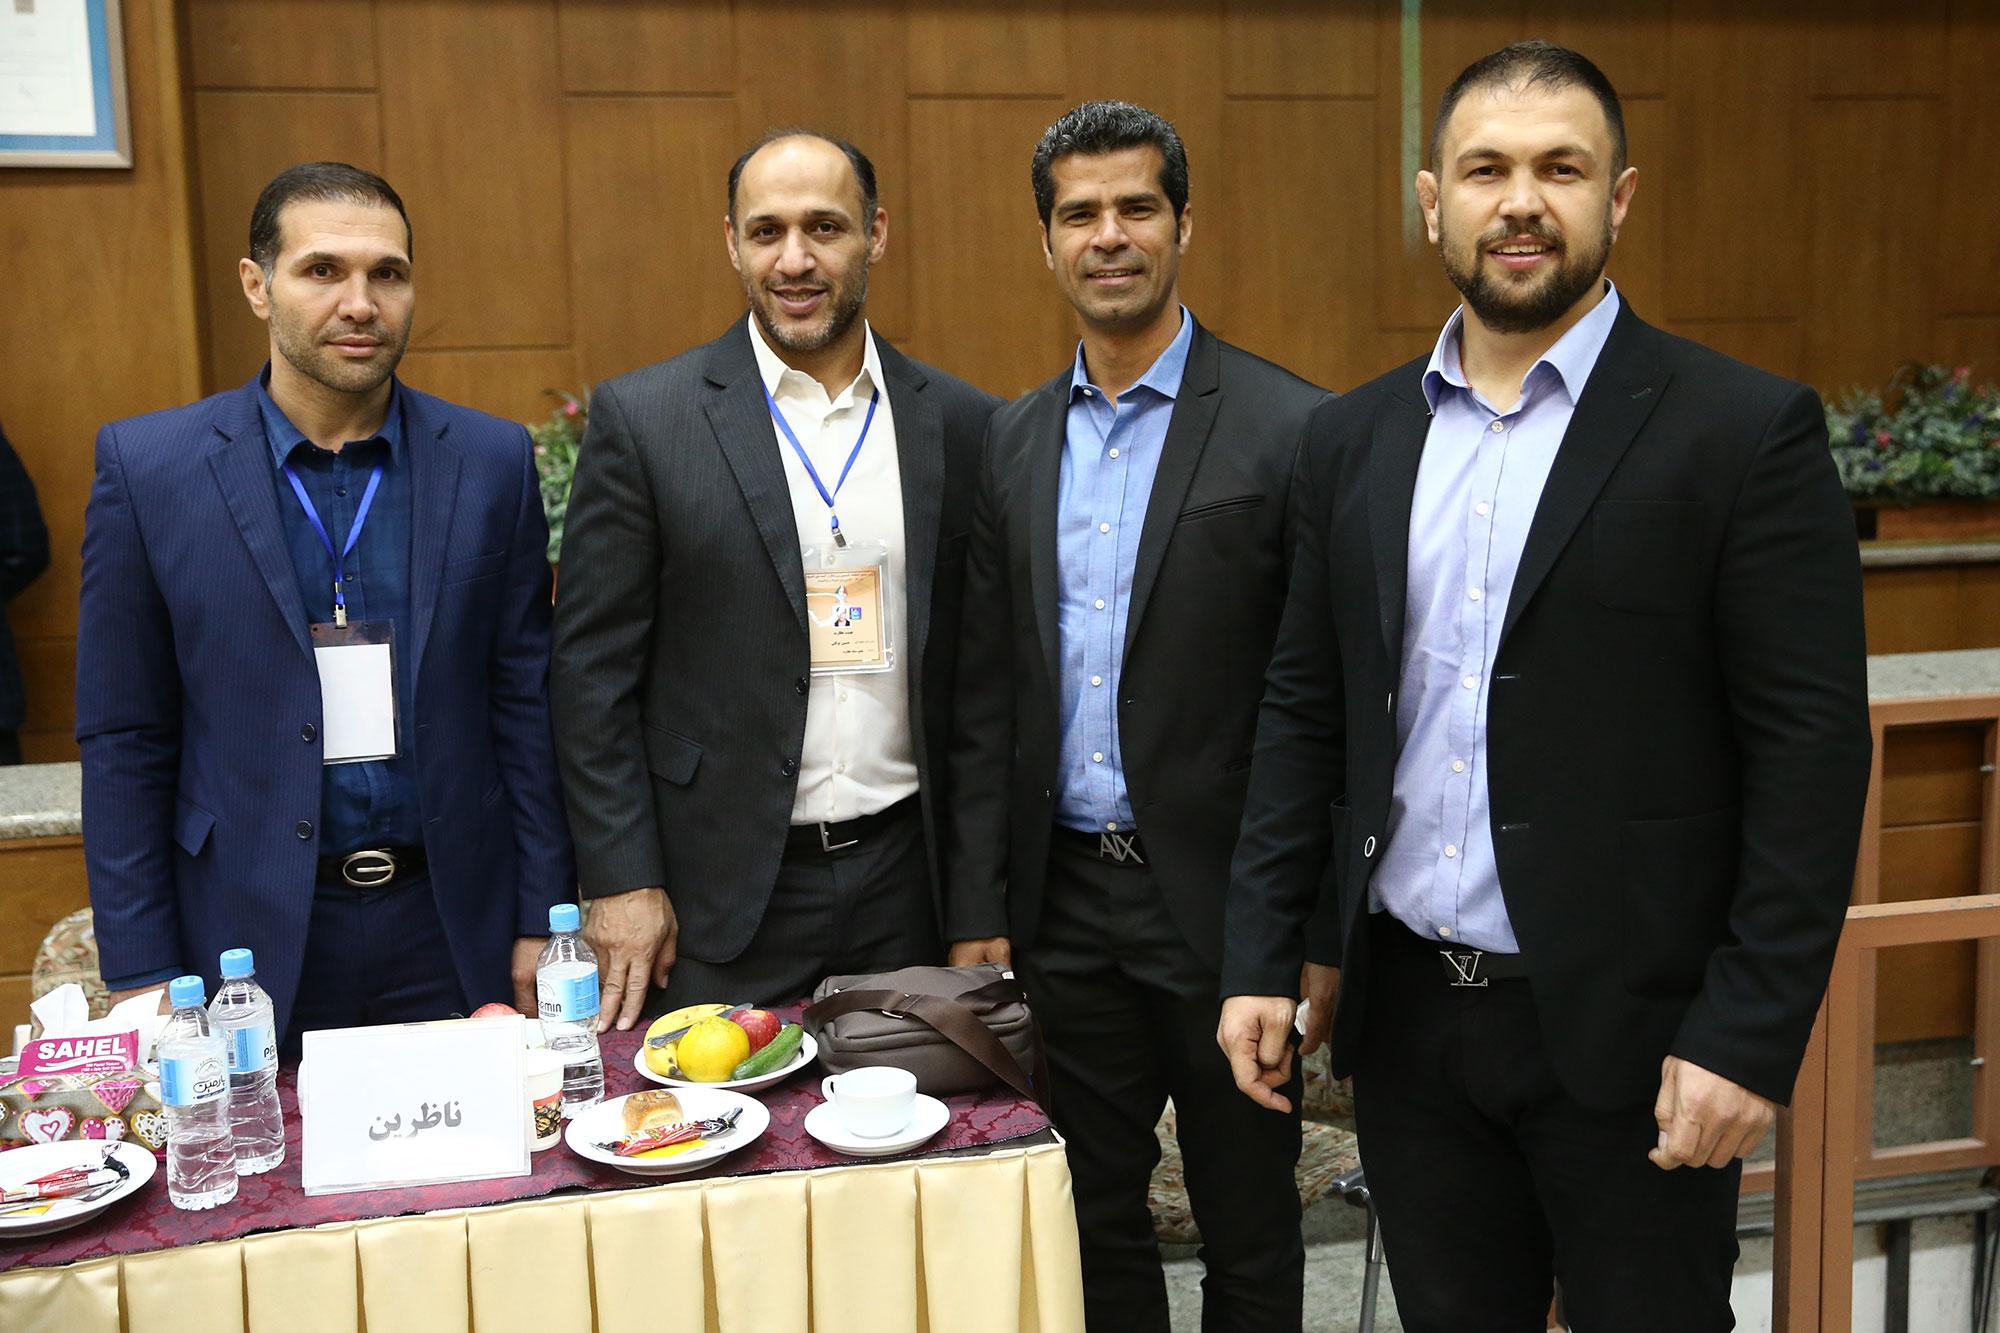 15قهرمان برای کمیسیون ورزشکاران ایران انتخاب شدند